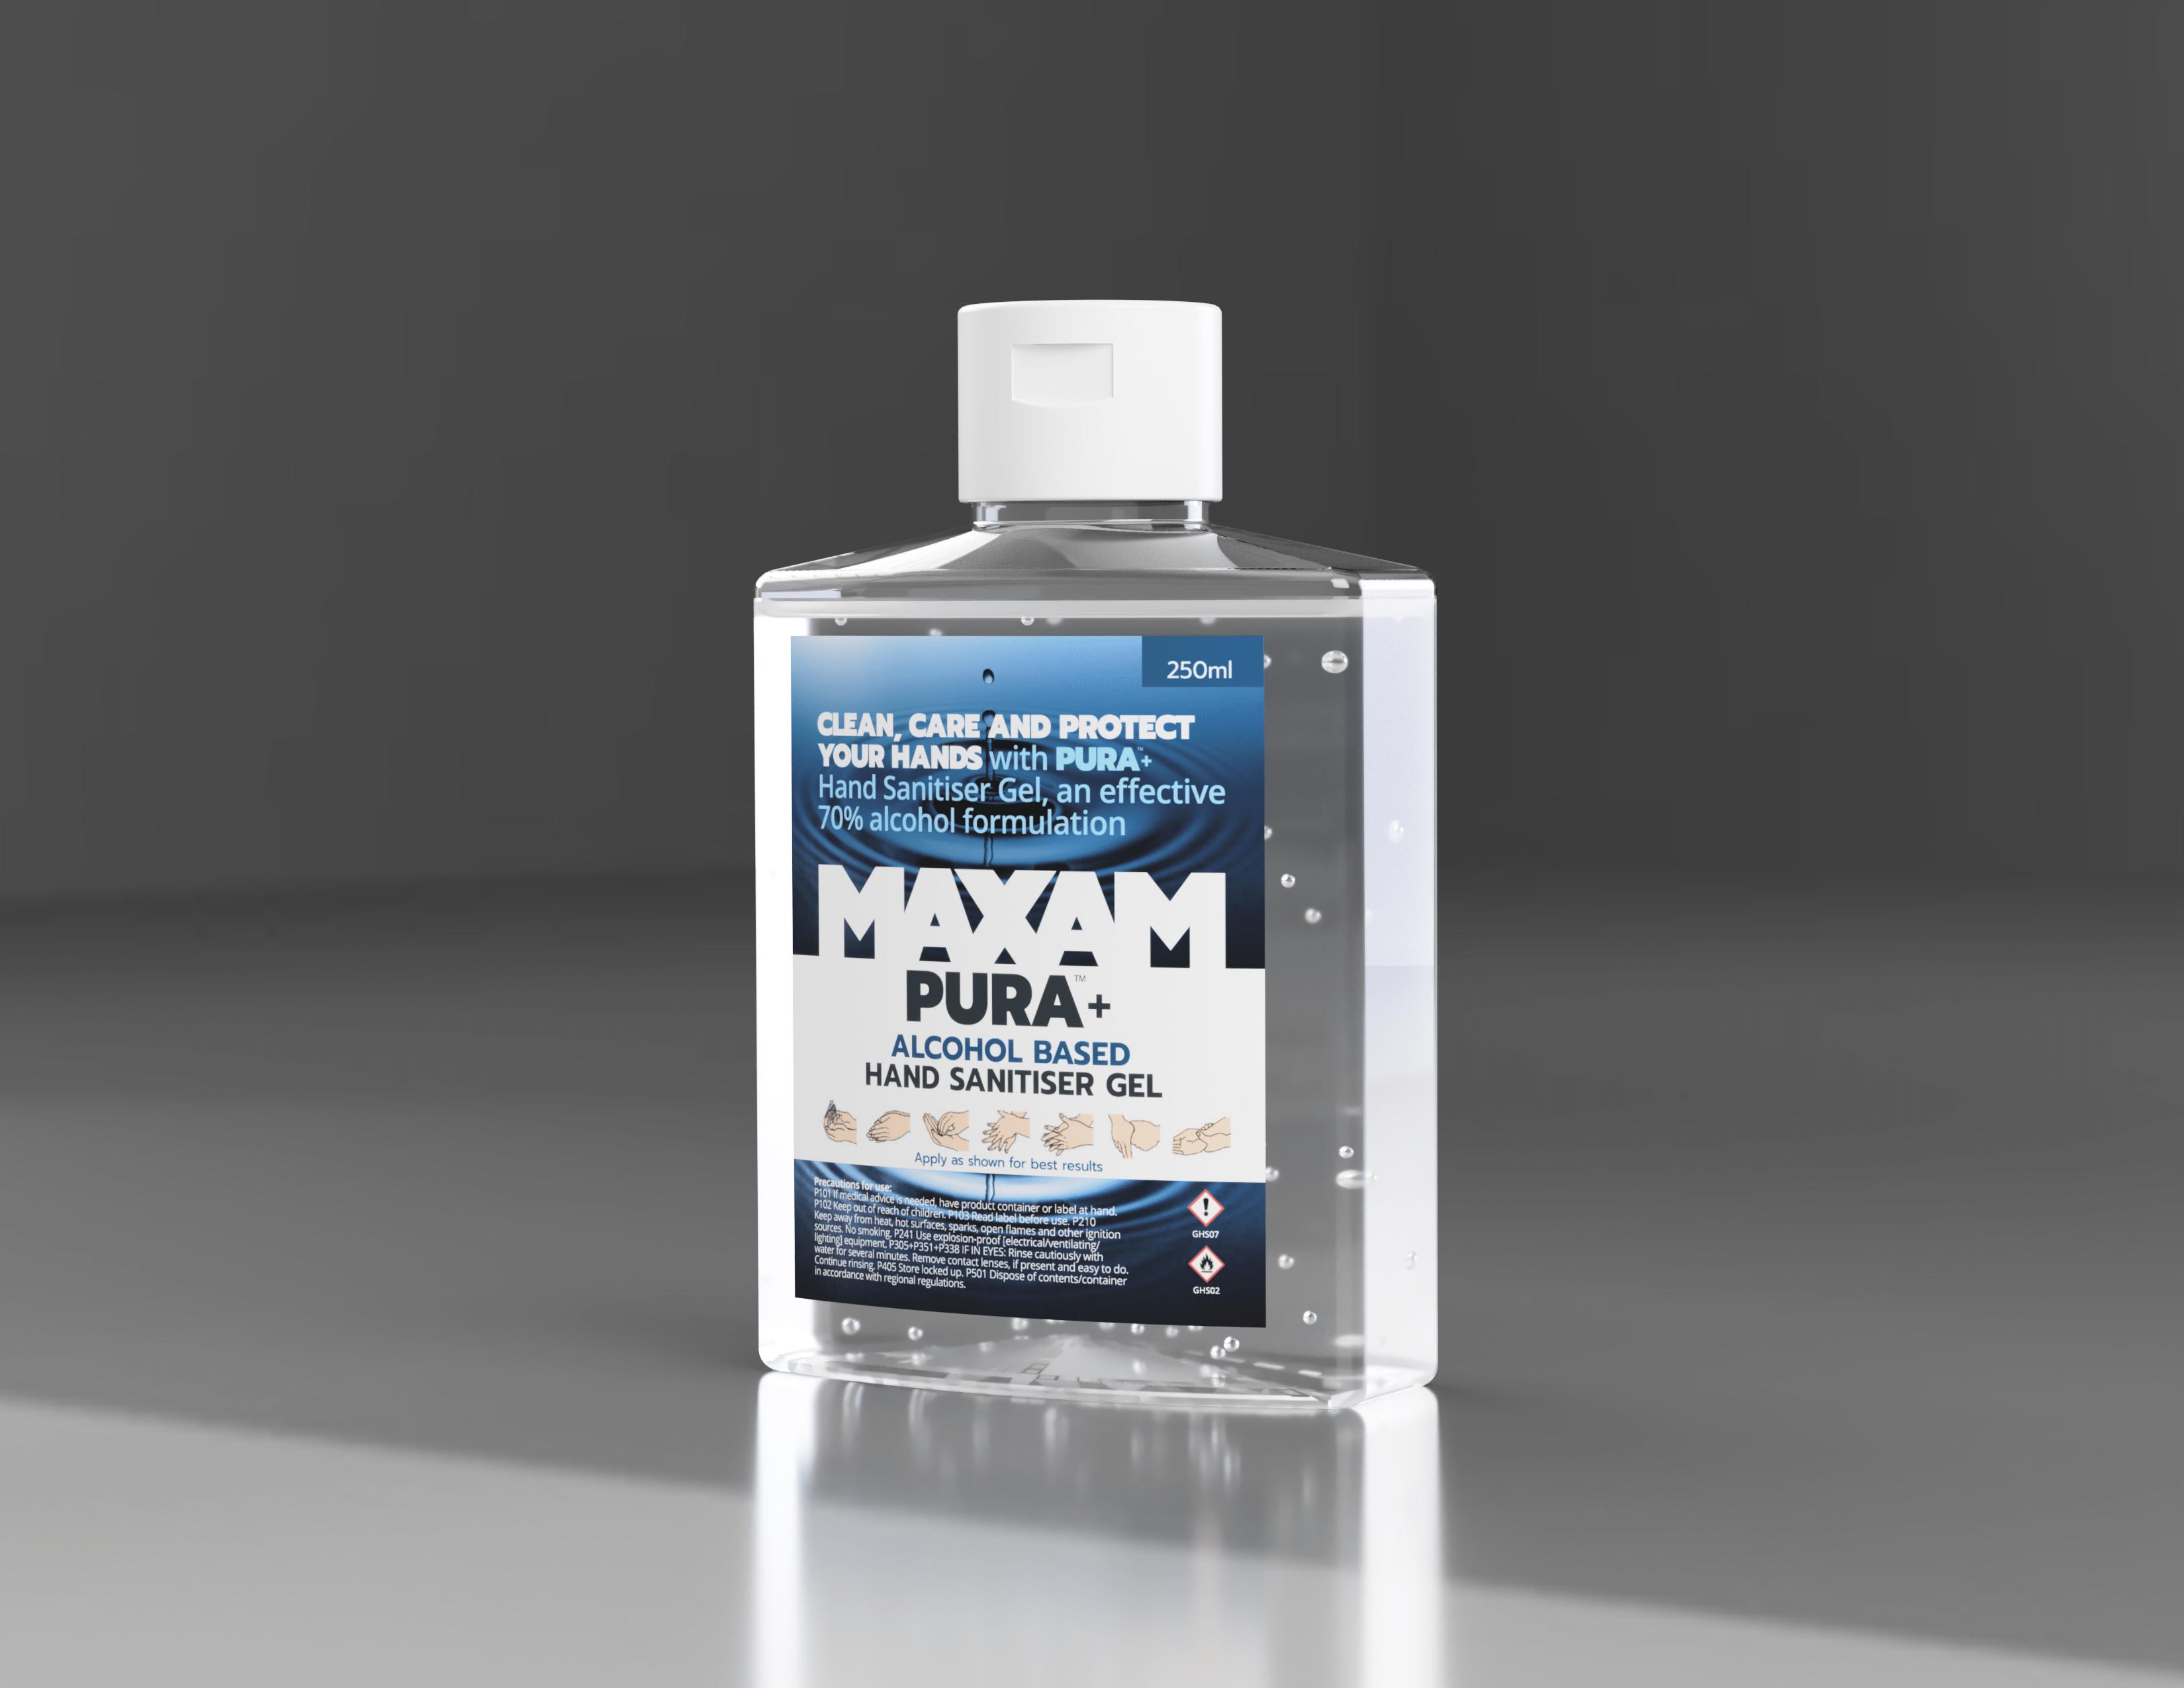 Pura+ Hand Sanitiser Gel